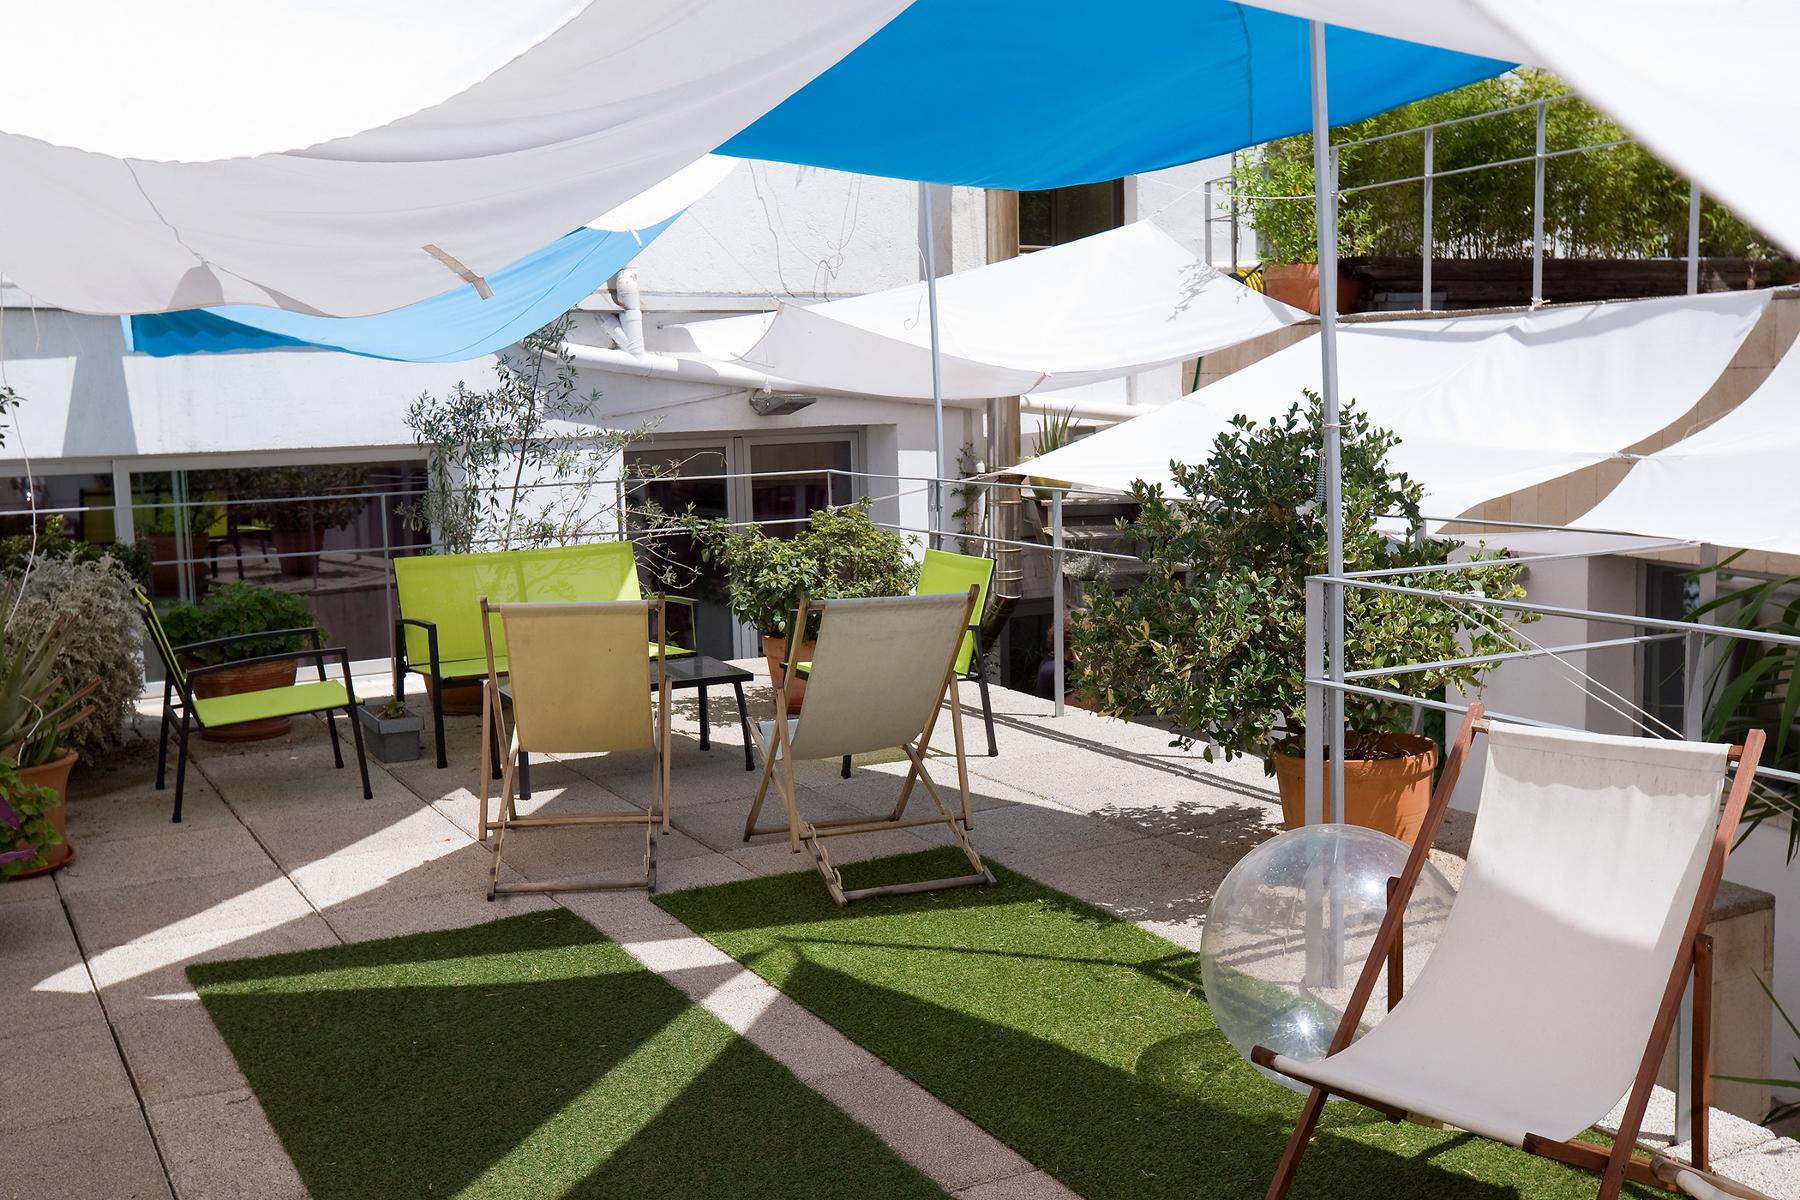 Ecoo ofrece diferentes espacios para el desarrollo de proyectos de trayectoria sostenible y real.